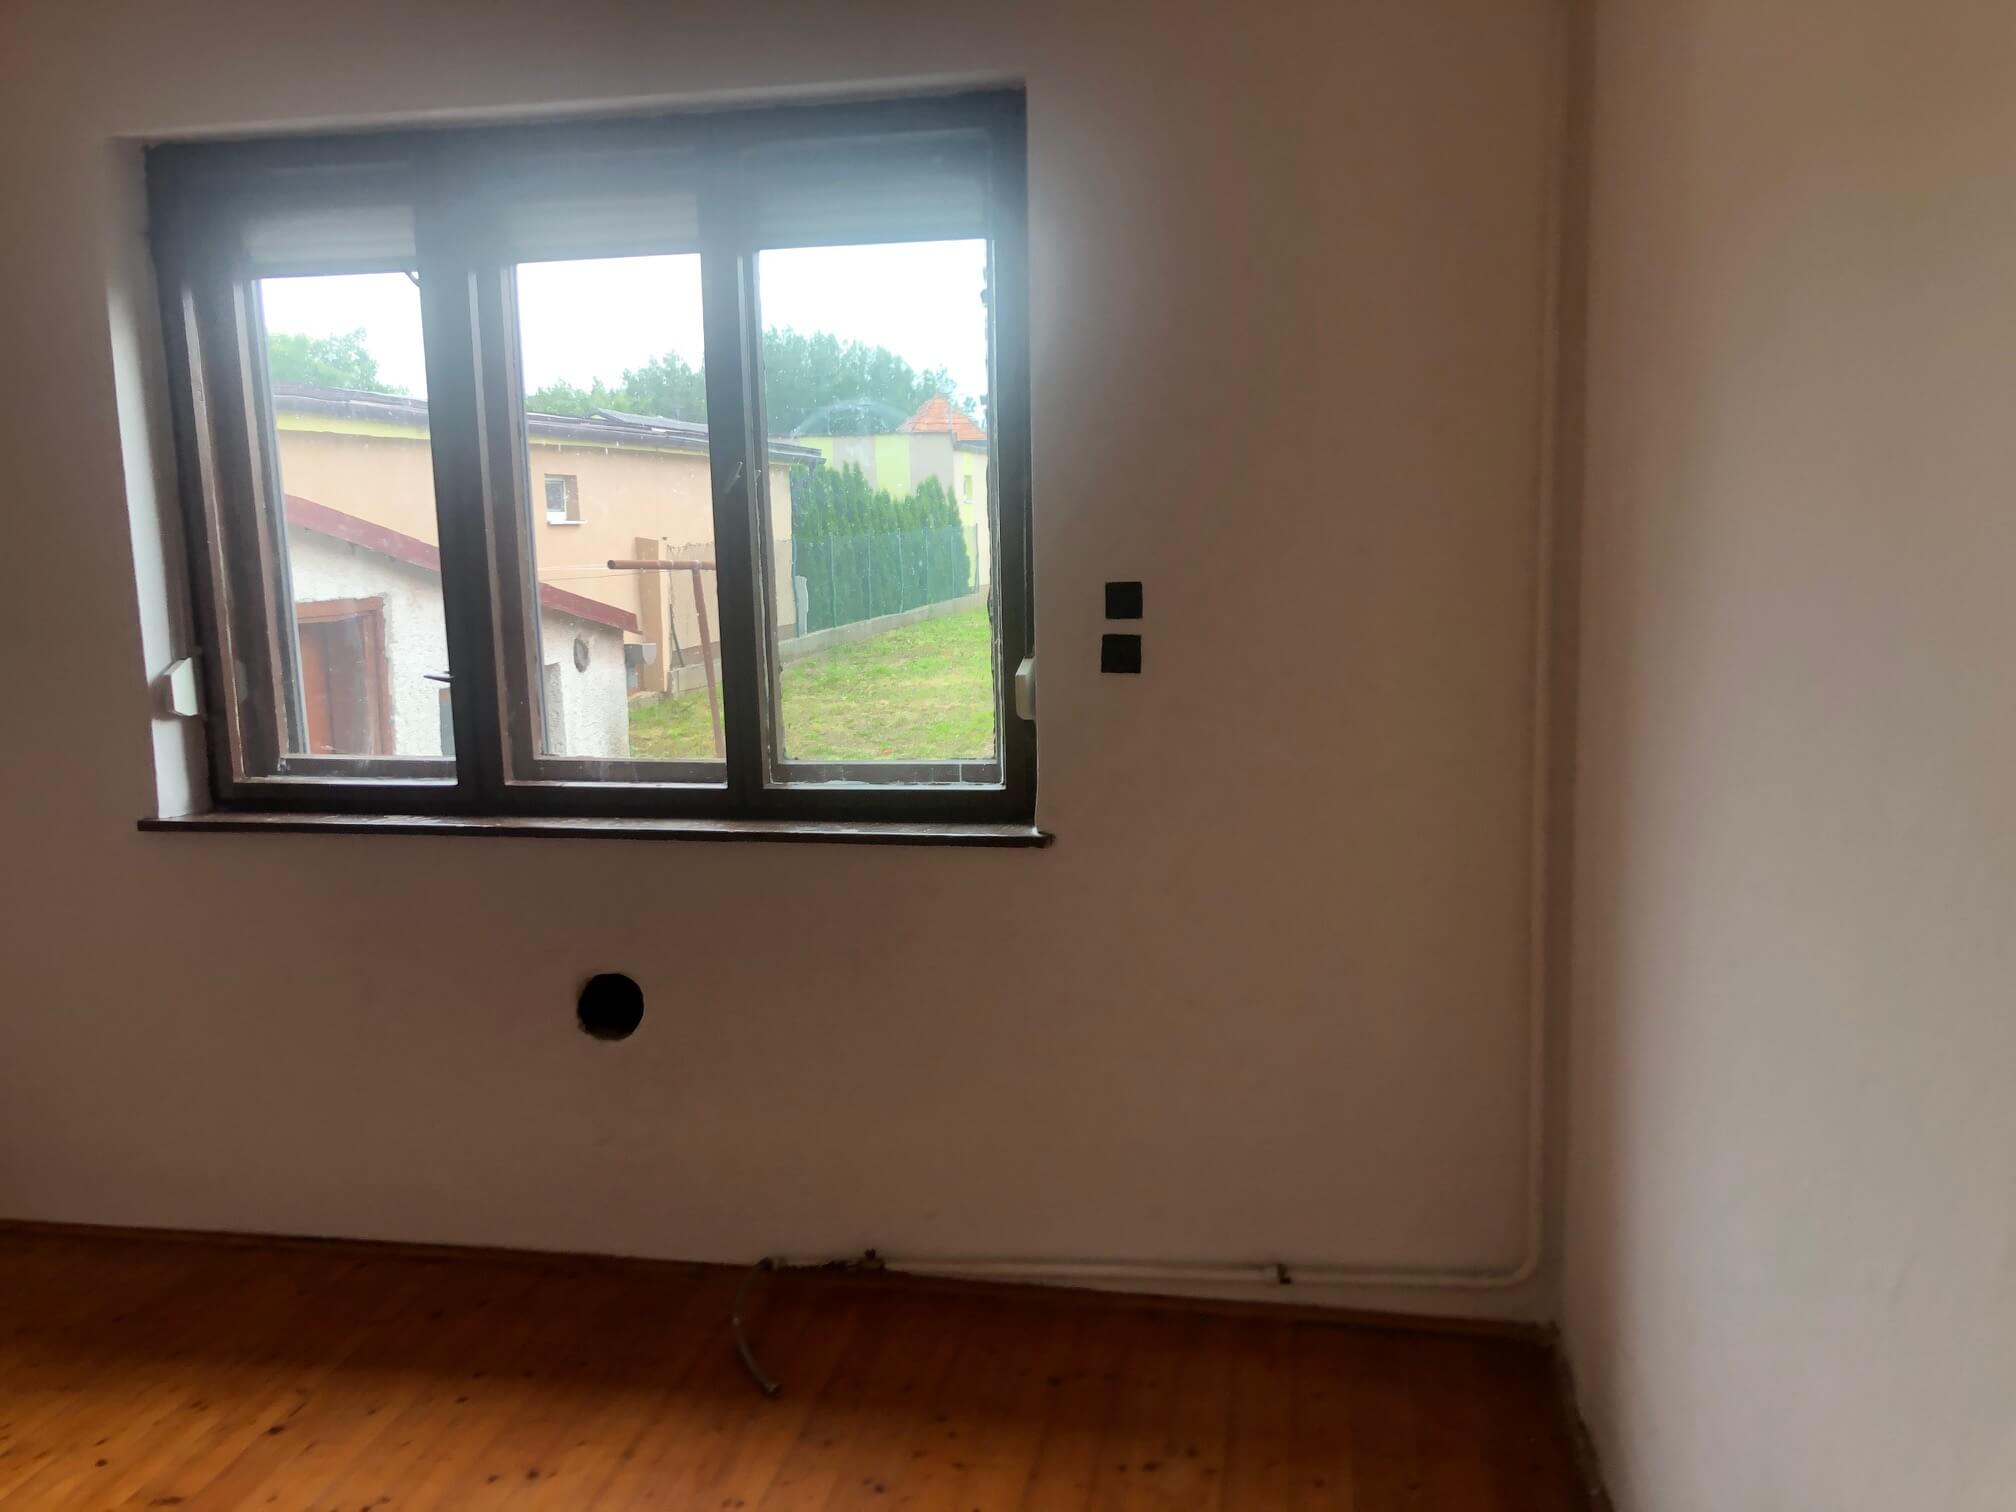 Predané: Pôvodný 4 izbový Rodinný dom v Šoporni, úžitková 96m2 plus 96m2 povala, pozemok 550m2-20